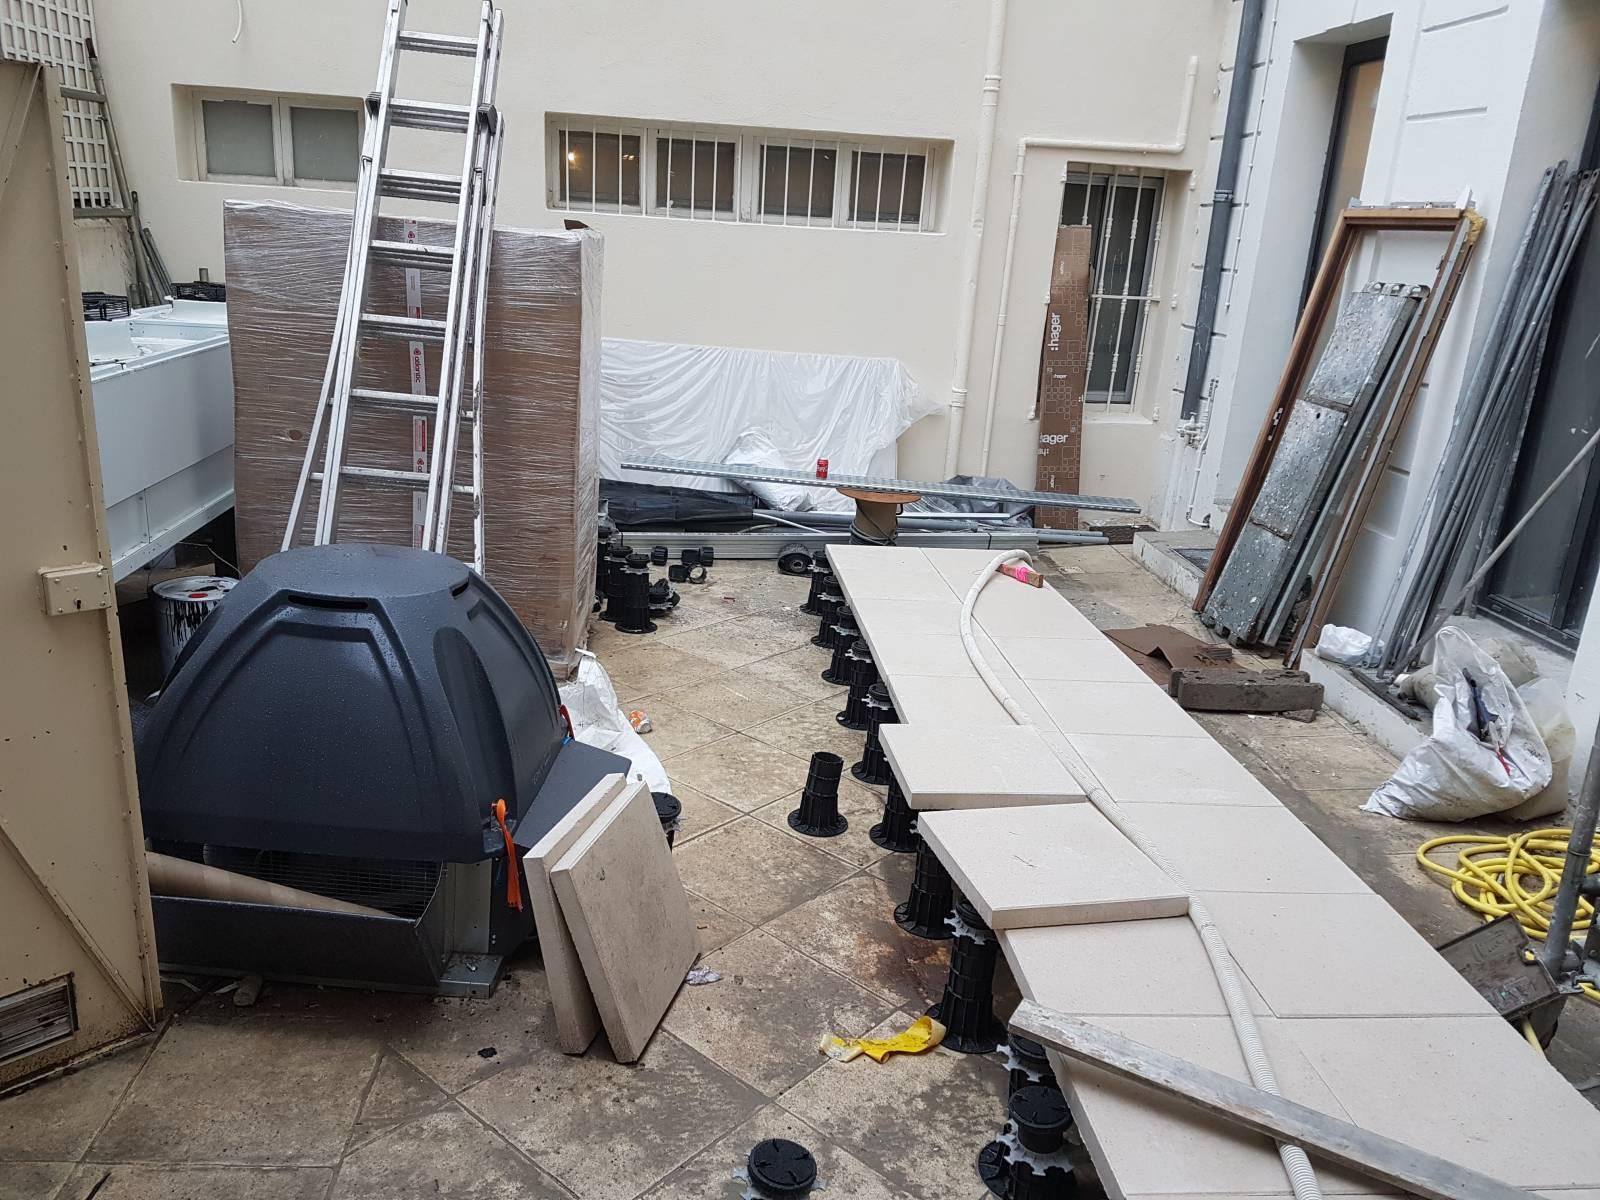 Pose De Dalles Sur Plots Pour Réaliser Une Terrasse Au